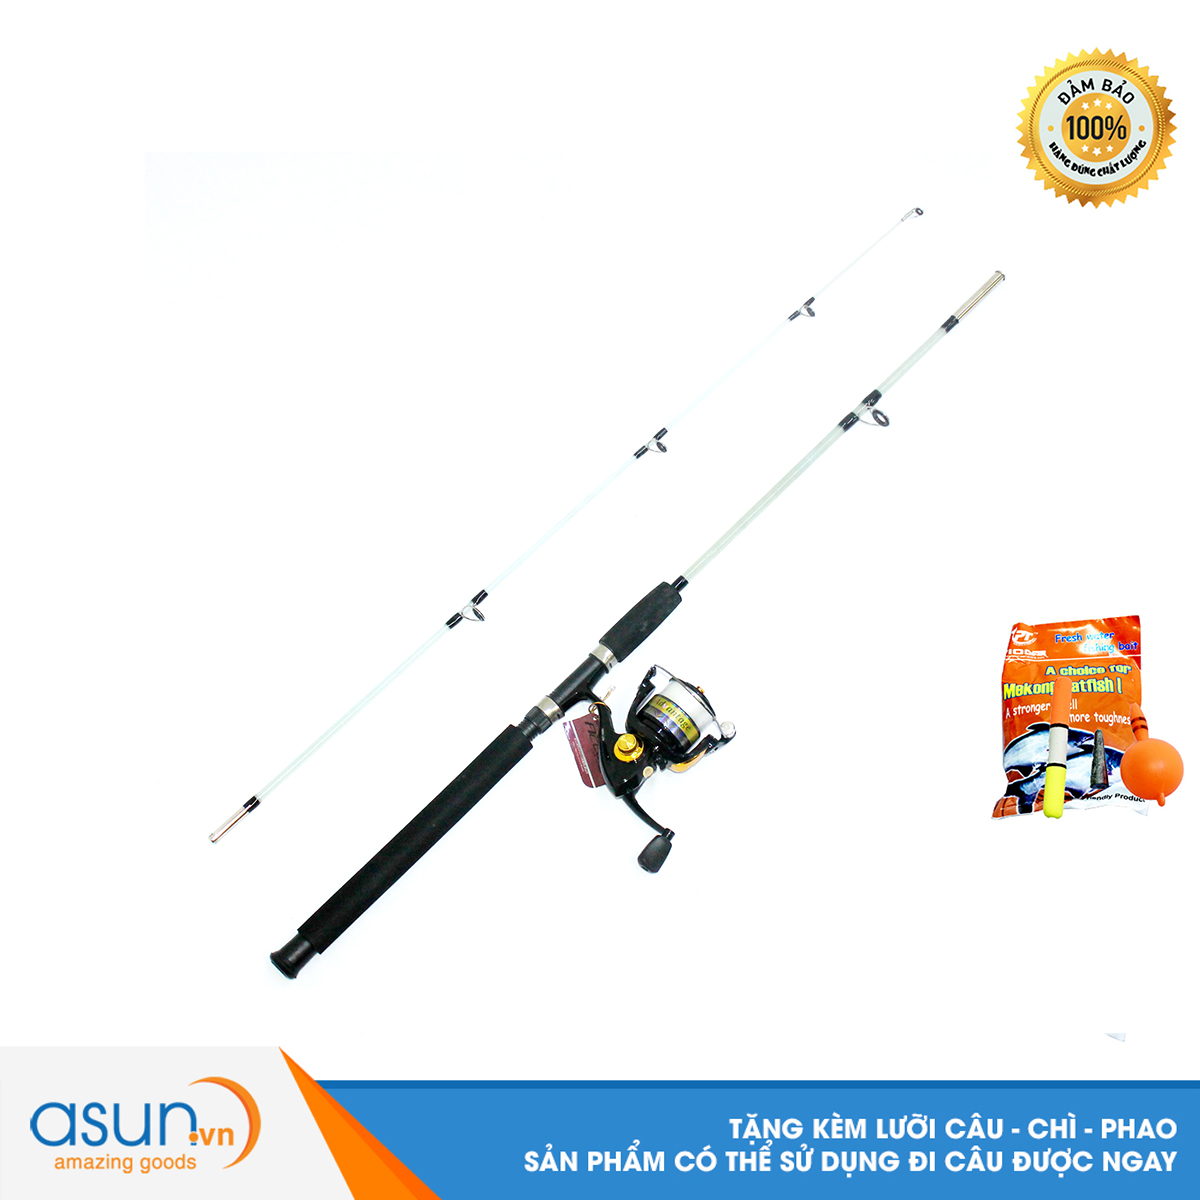 Bộ CầnCâu Cá Đặc Trong 1m8 Và Máy Câu AVT4000 - CBN89